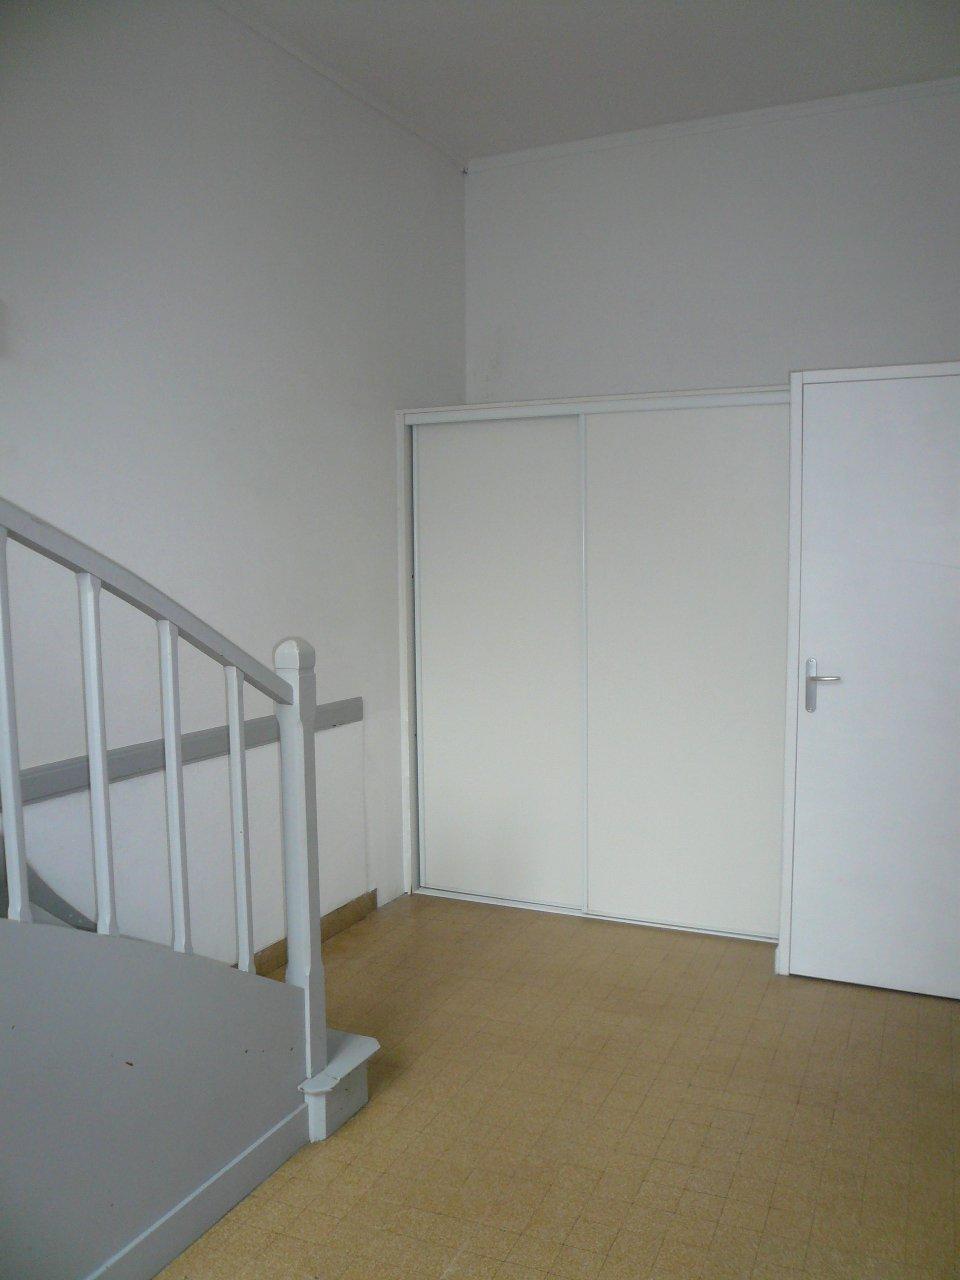 Appartement Thouars - 3 Pièce(s) - 86 M2 (env.)